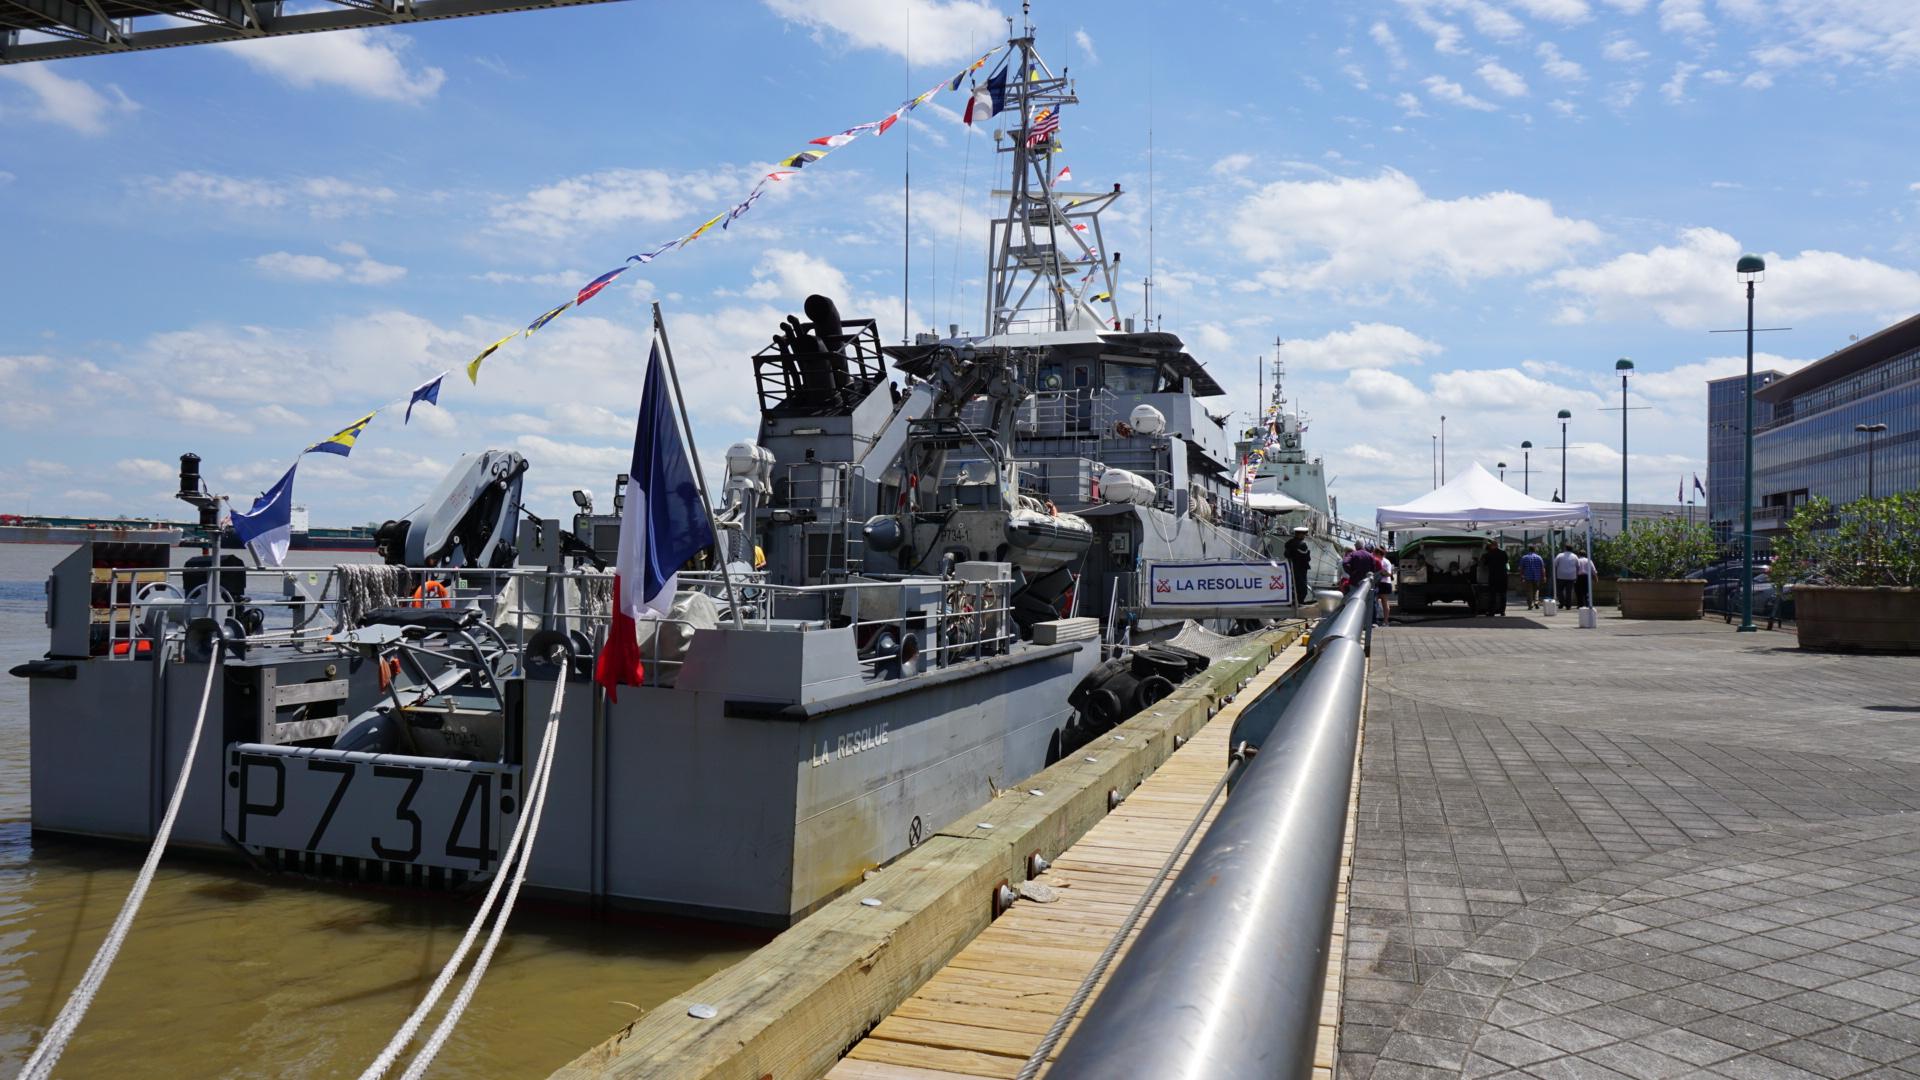 Les patrouilleurs de la Marine Nationale - Page 7 41415371085_f9592dcde5_o